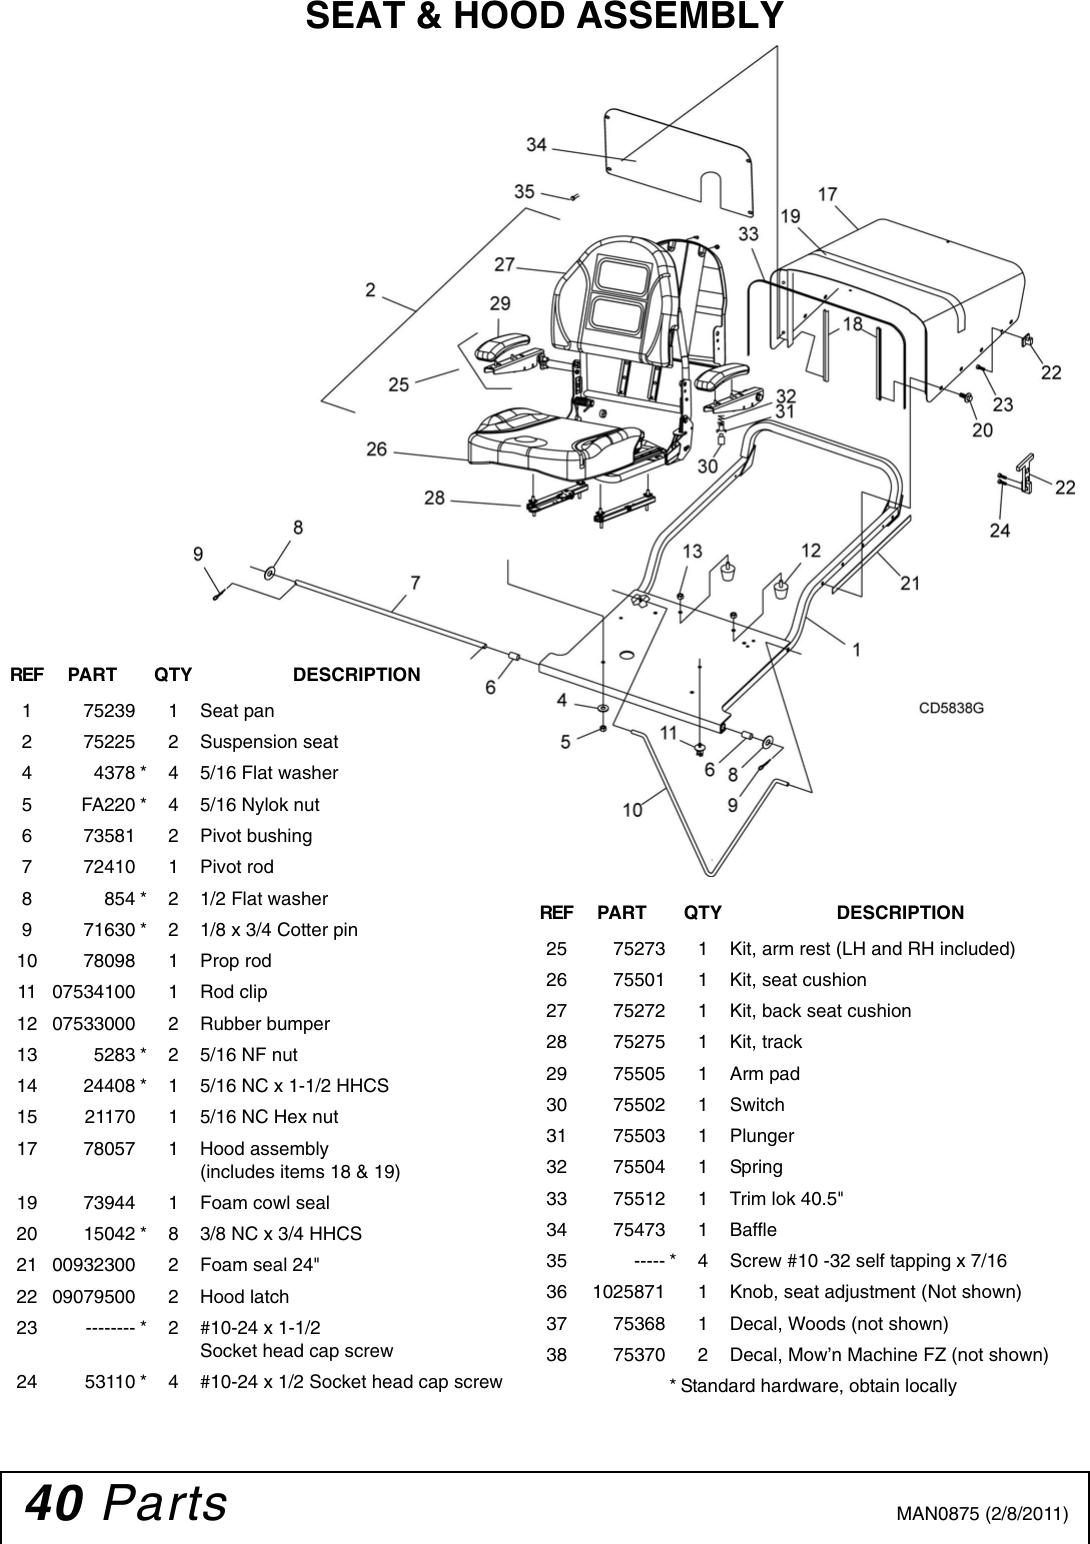 Woods Equipment Mown Machine Fz23B Users Manual MAN0875